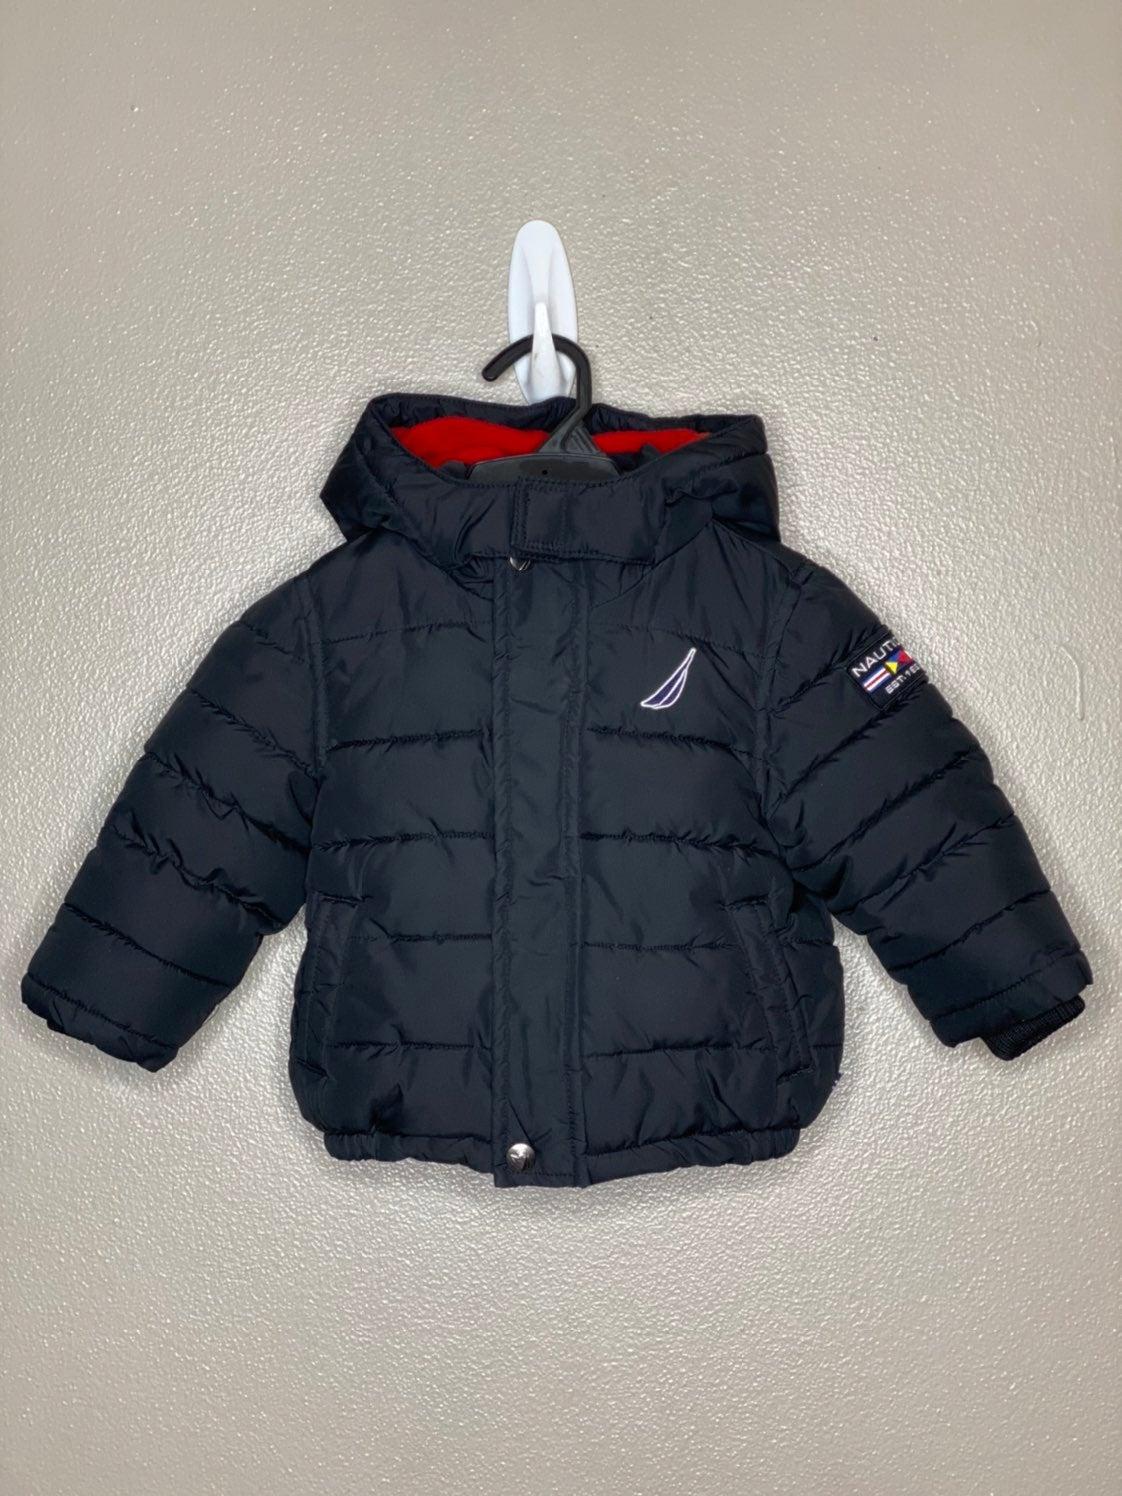 Nautica Coat Size 12M (Black)